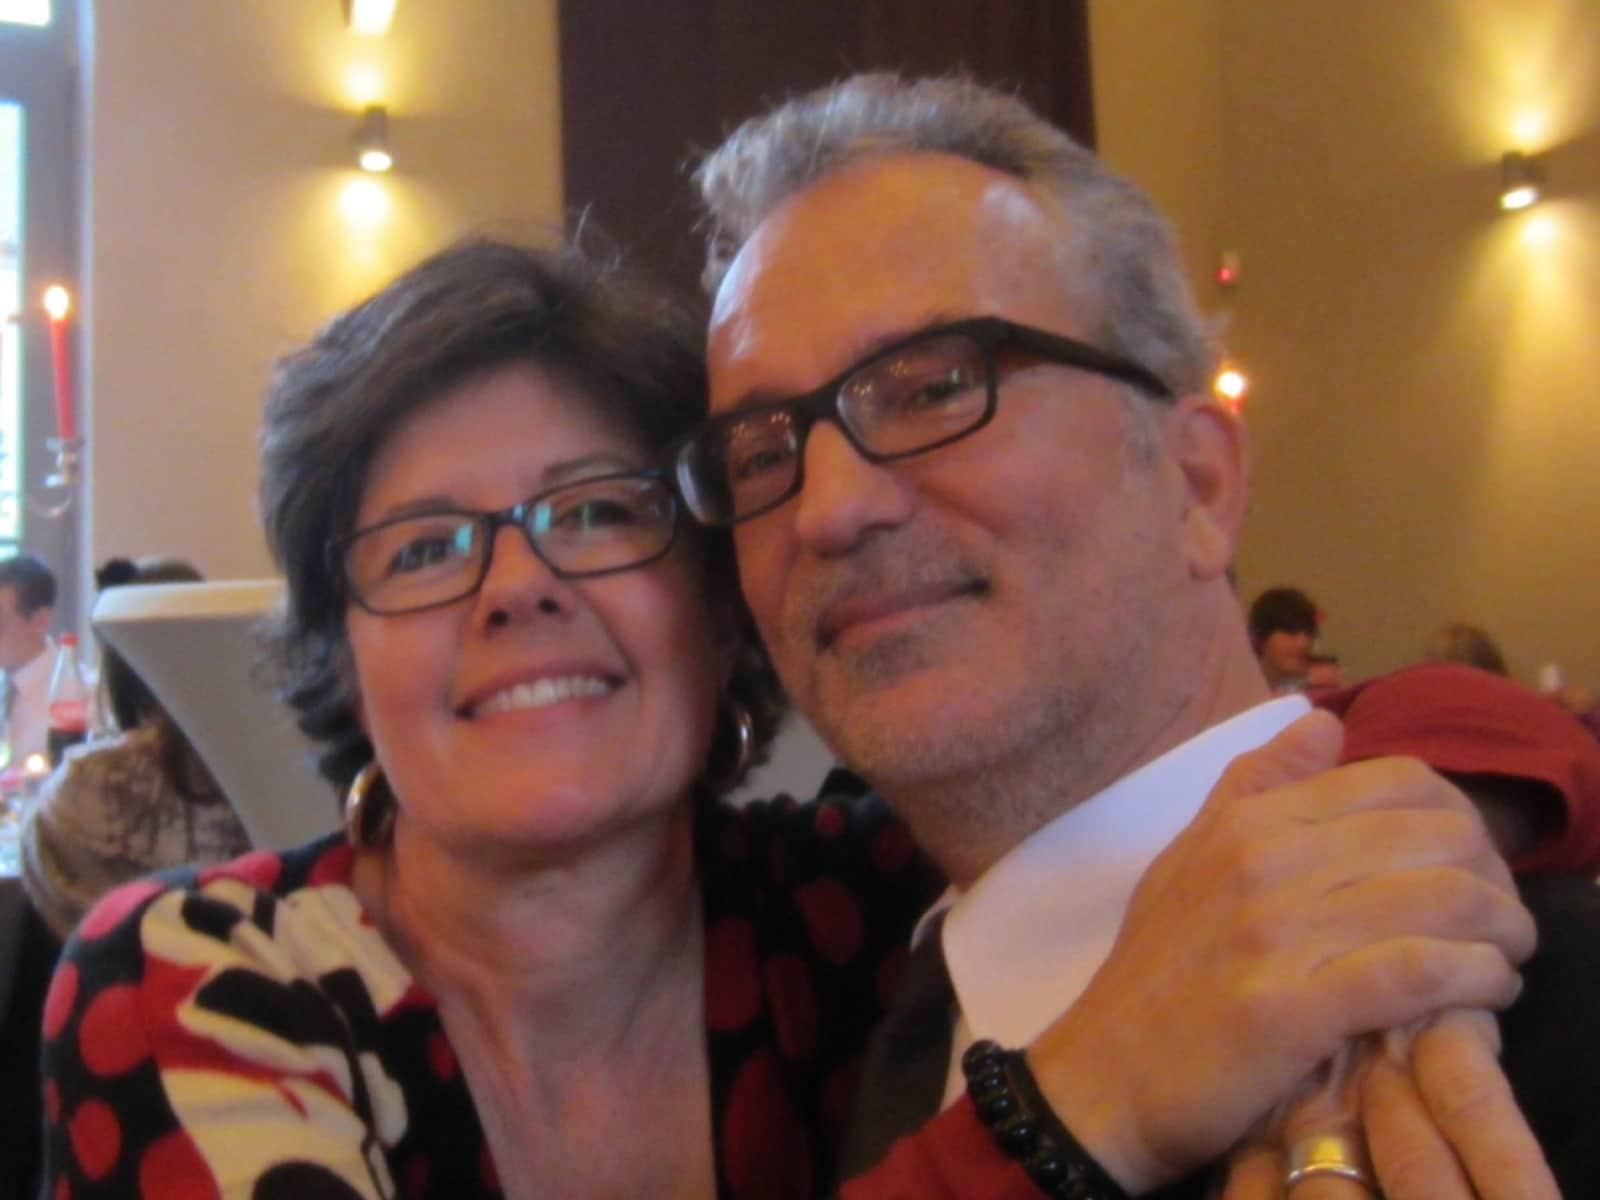 Natalie & Markus from Riehen, Switzerland